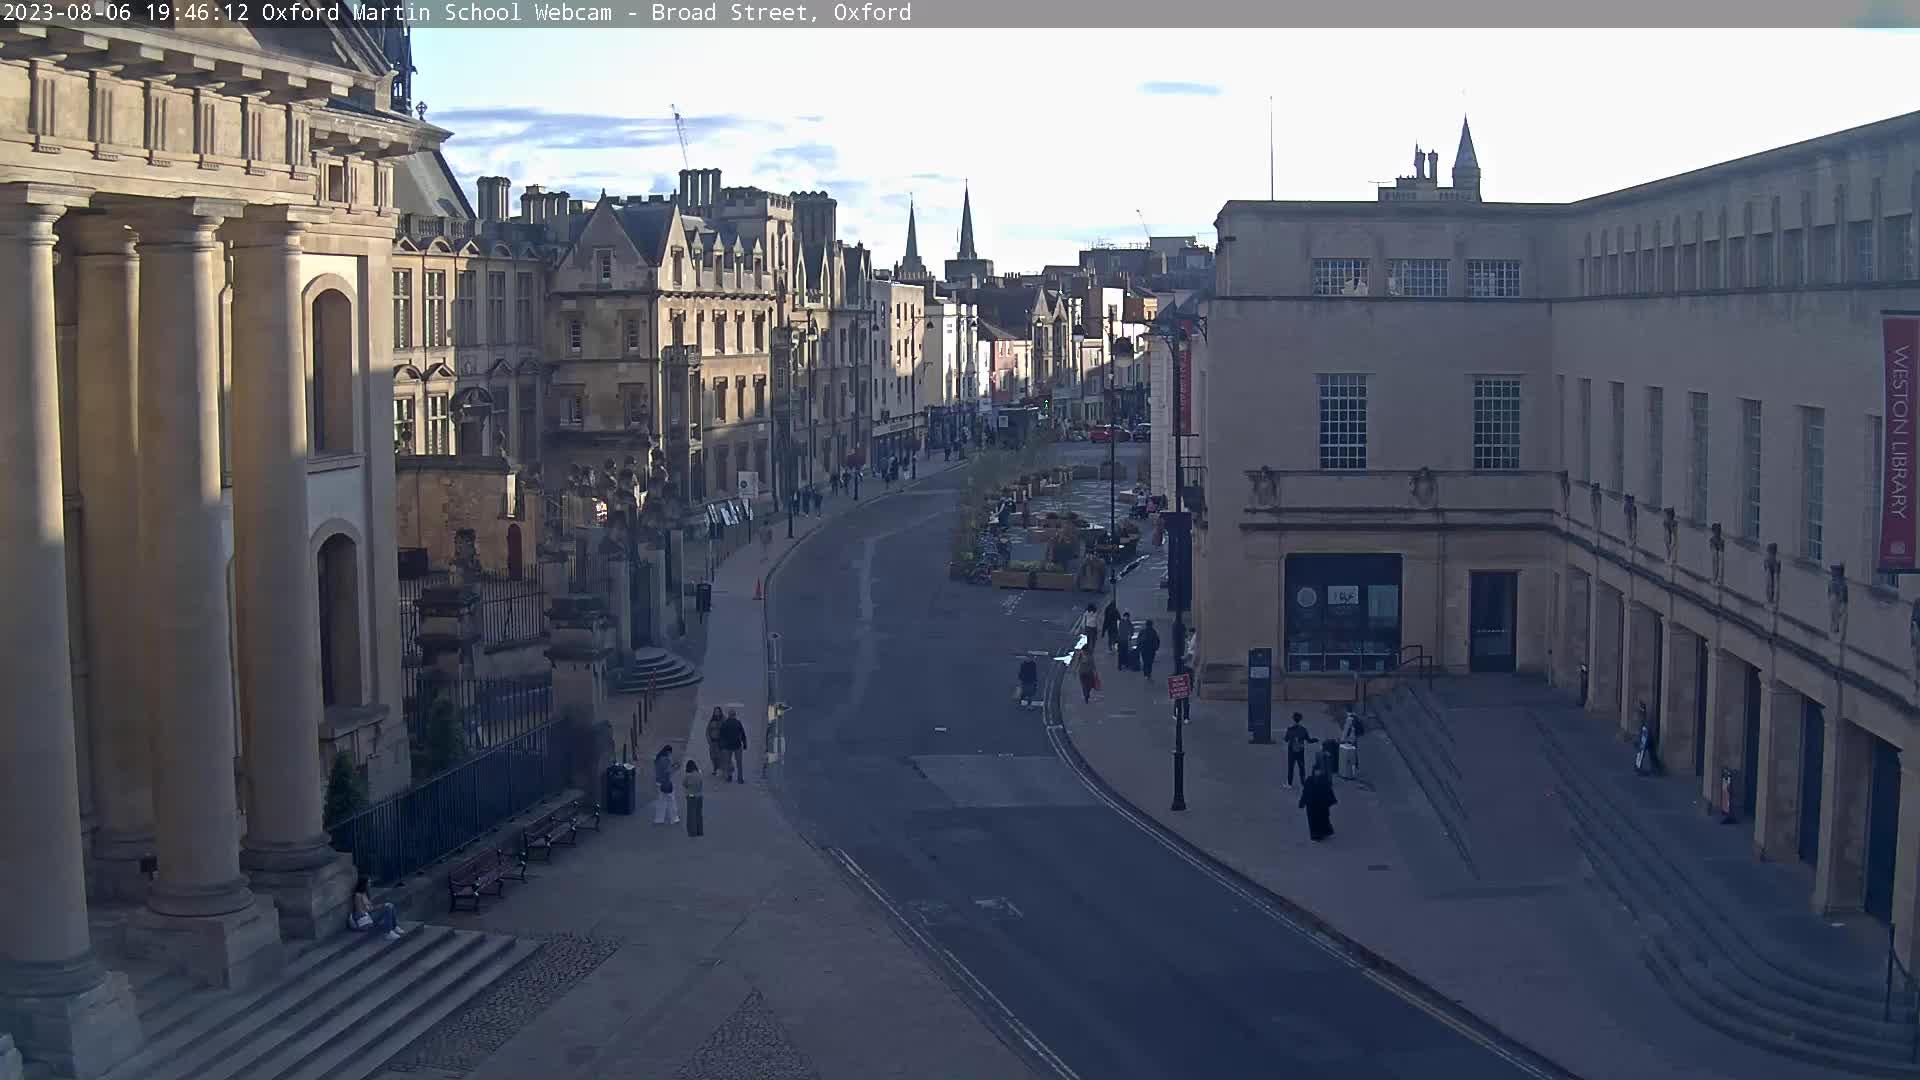 Oxford Sun. 19:46